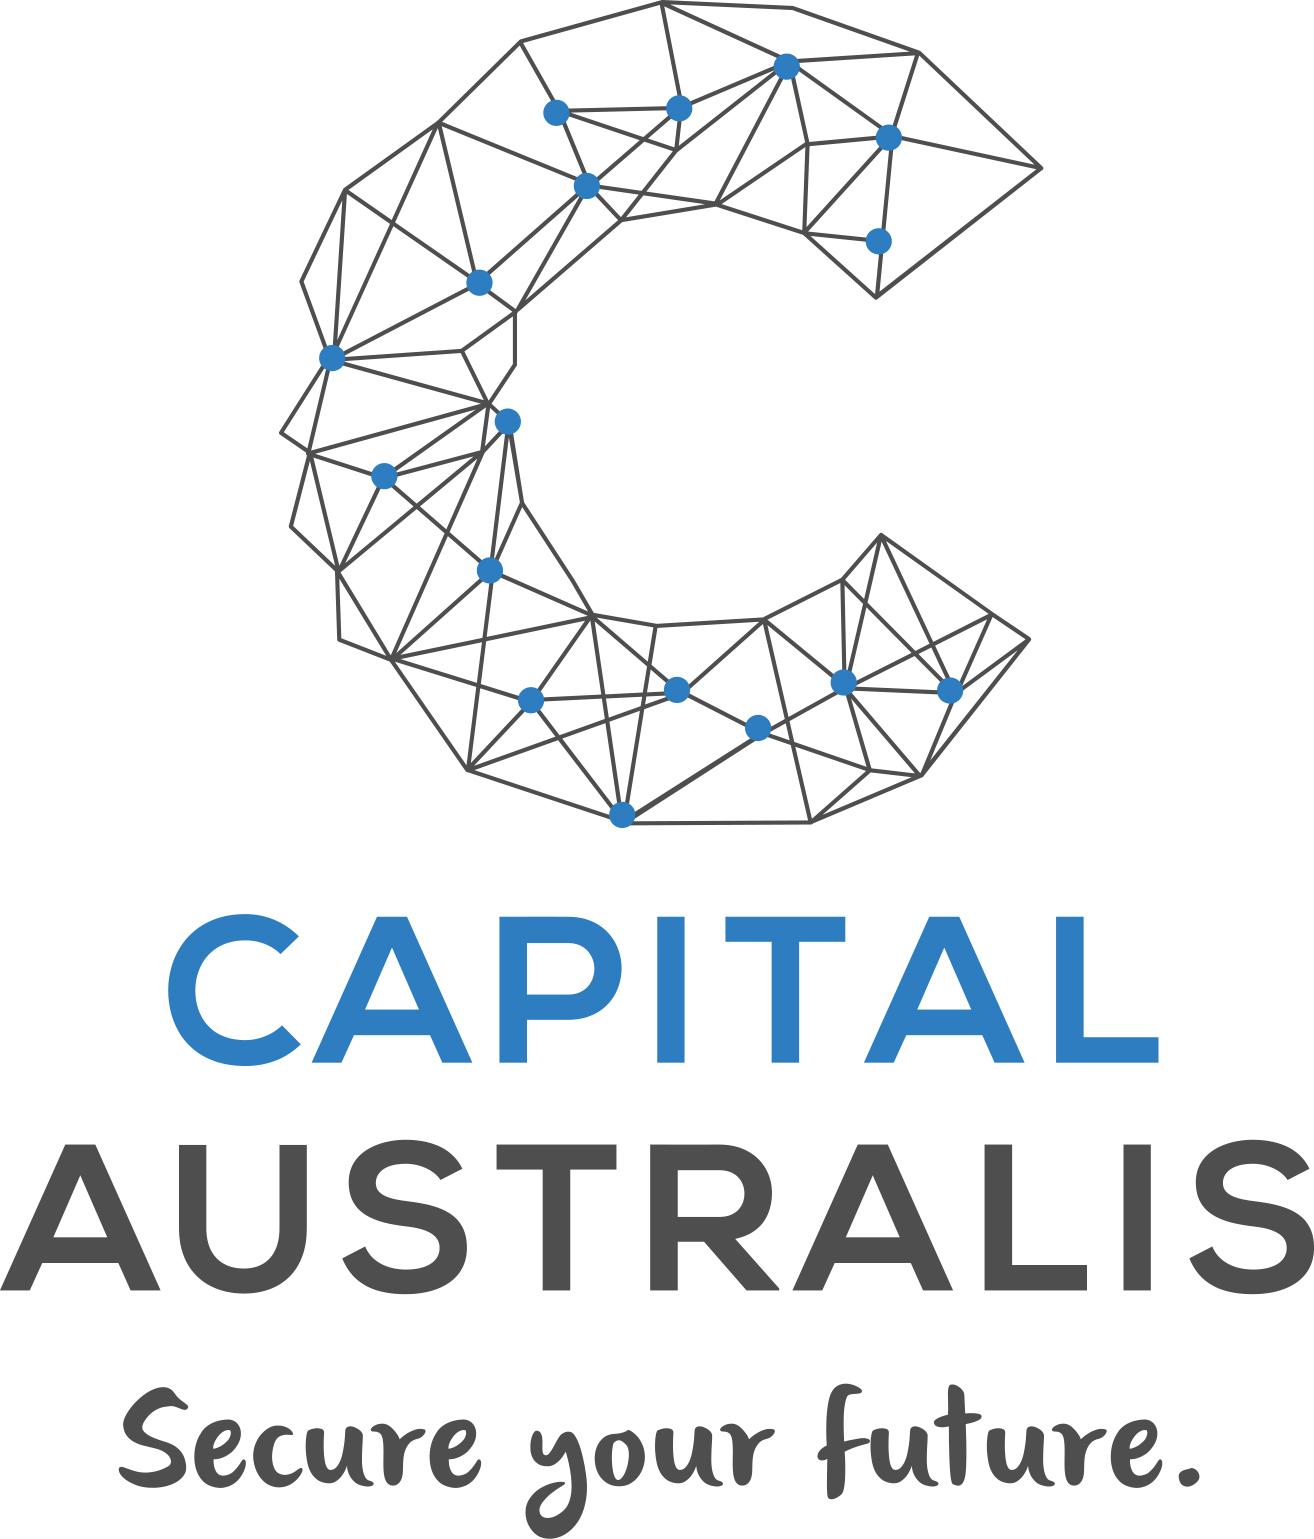 Capital Australis d.o.o.